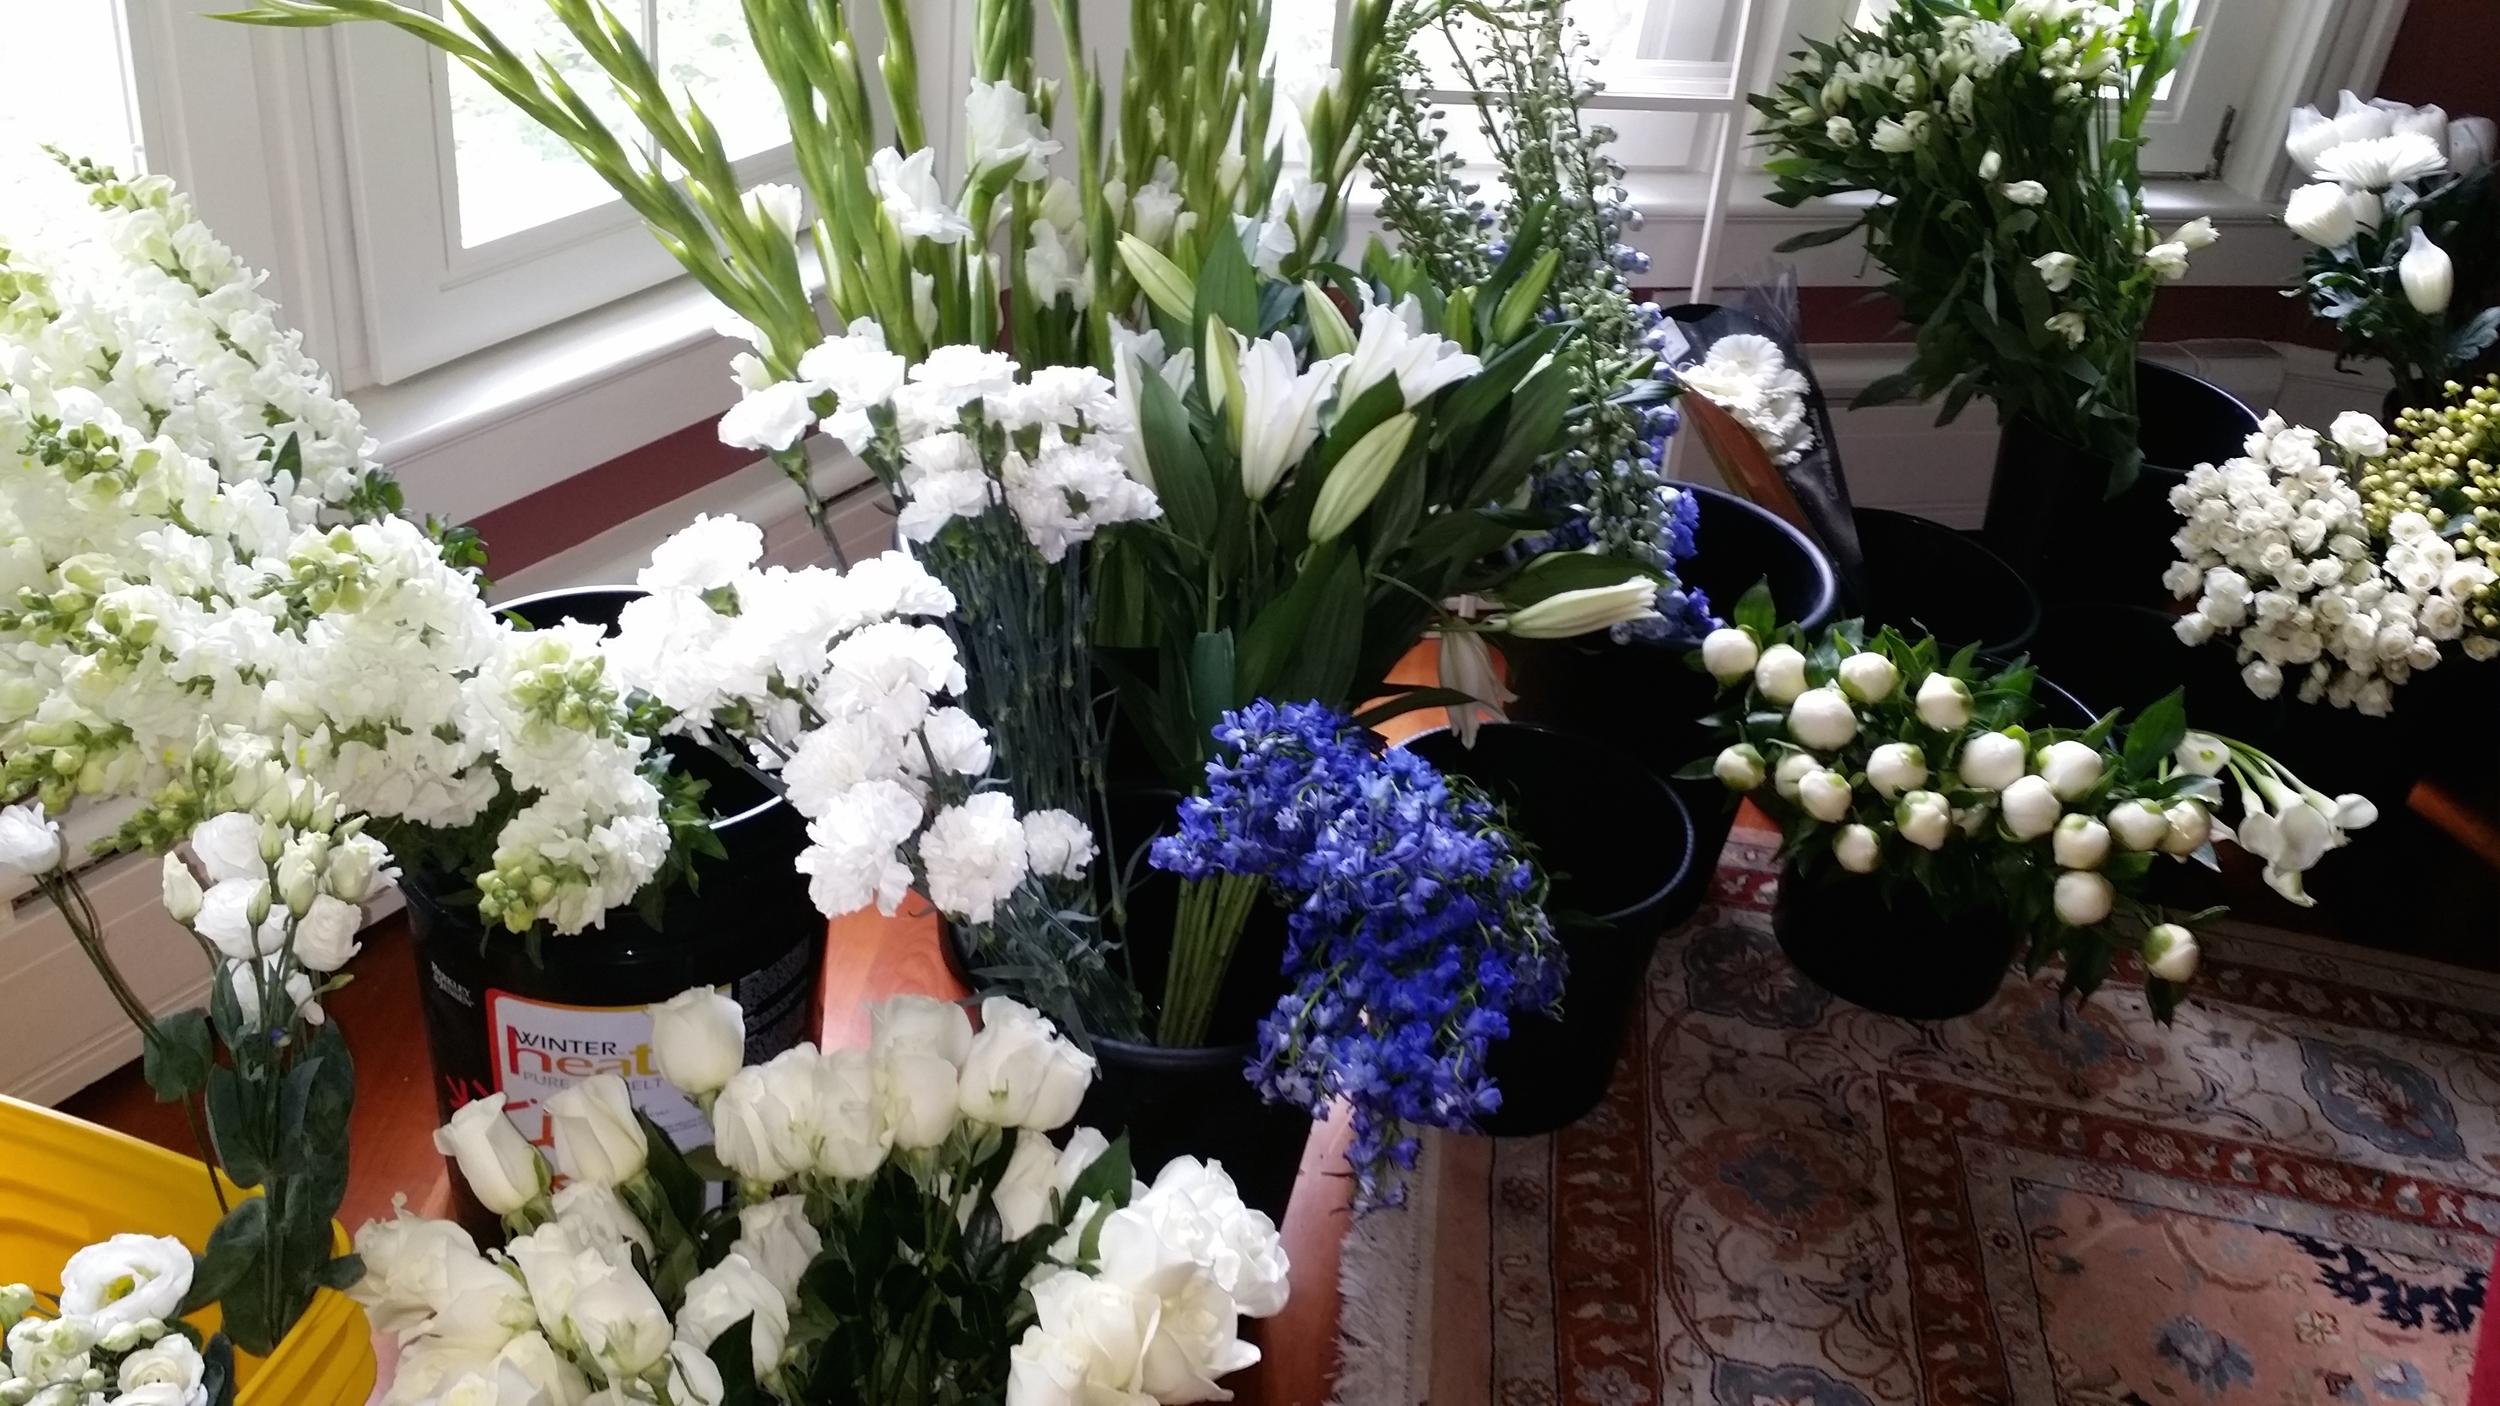 2015 wedding flowers in buckets.jpg